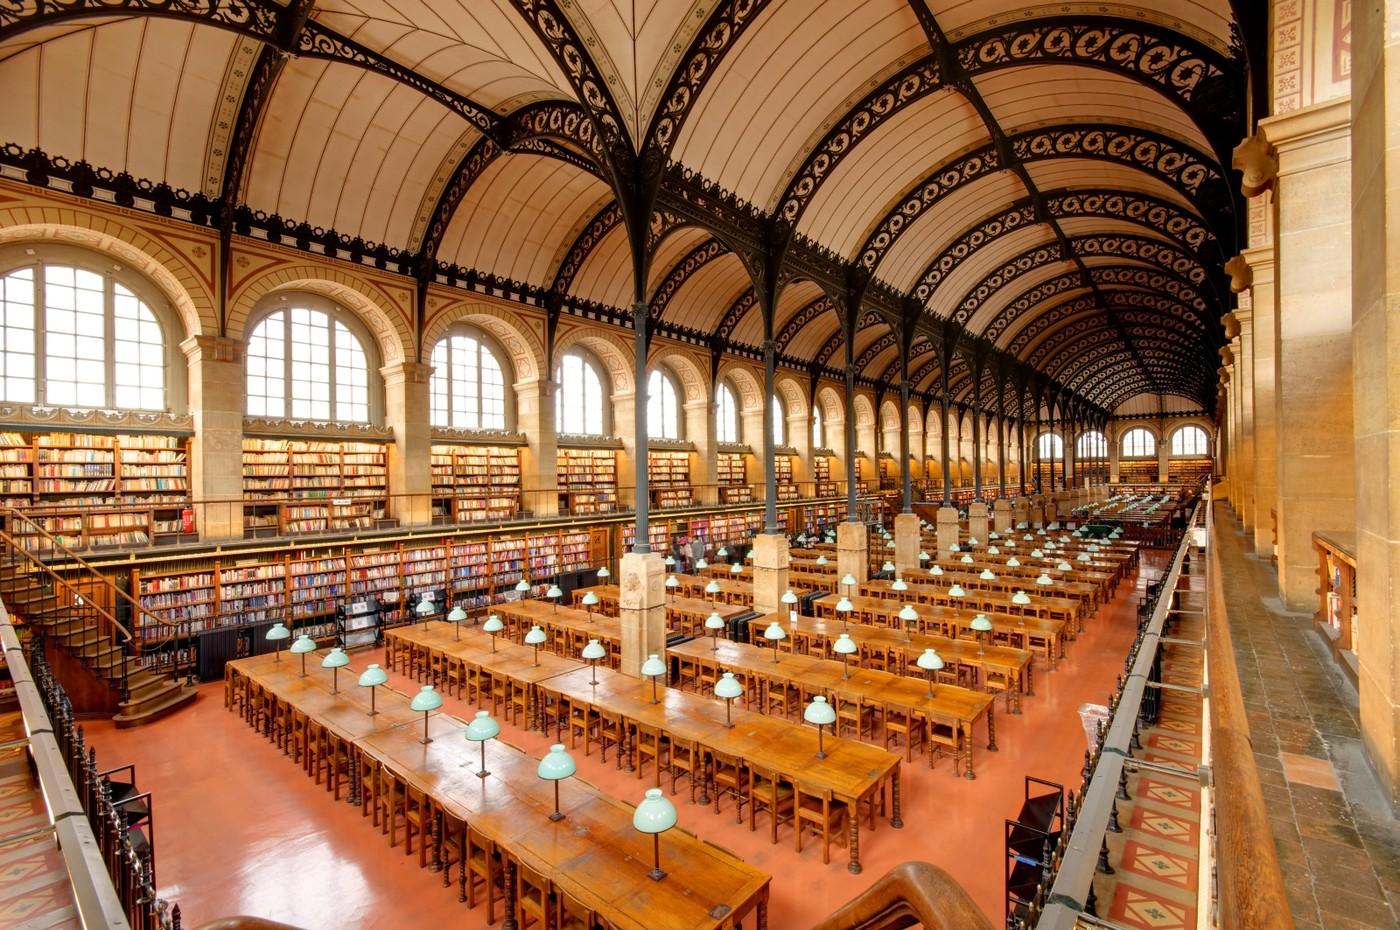 Čtenářský sál Knihovny sv. Jenovéfy s oblibou užívaly osobnosti jako Marcel Duchamp nebo James Joyce